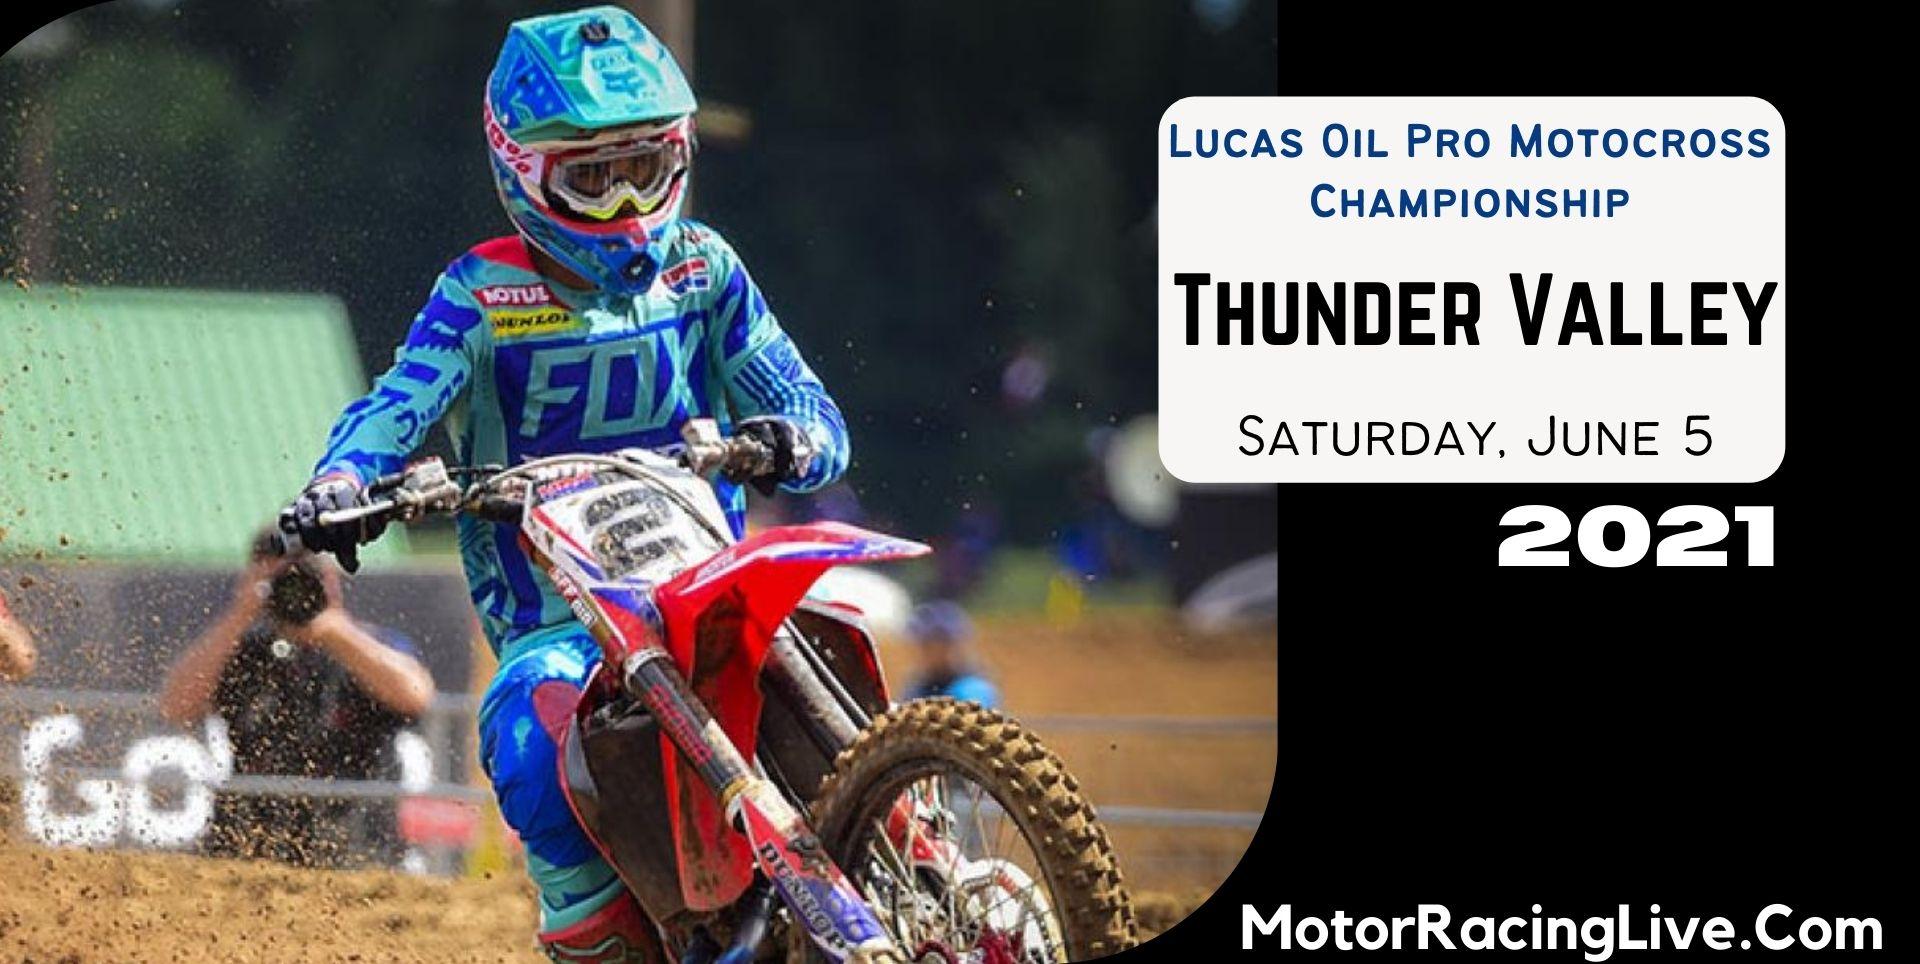 Thunder Valley Live Streaming 2021 | Motocross